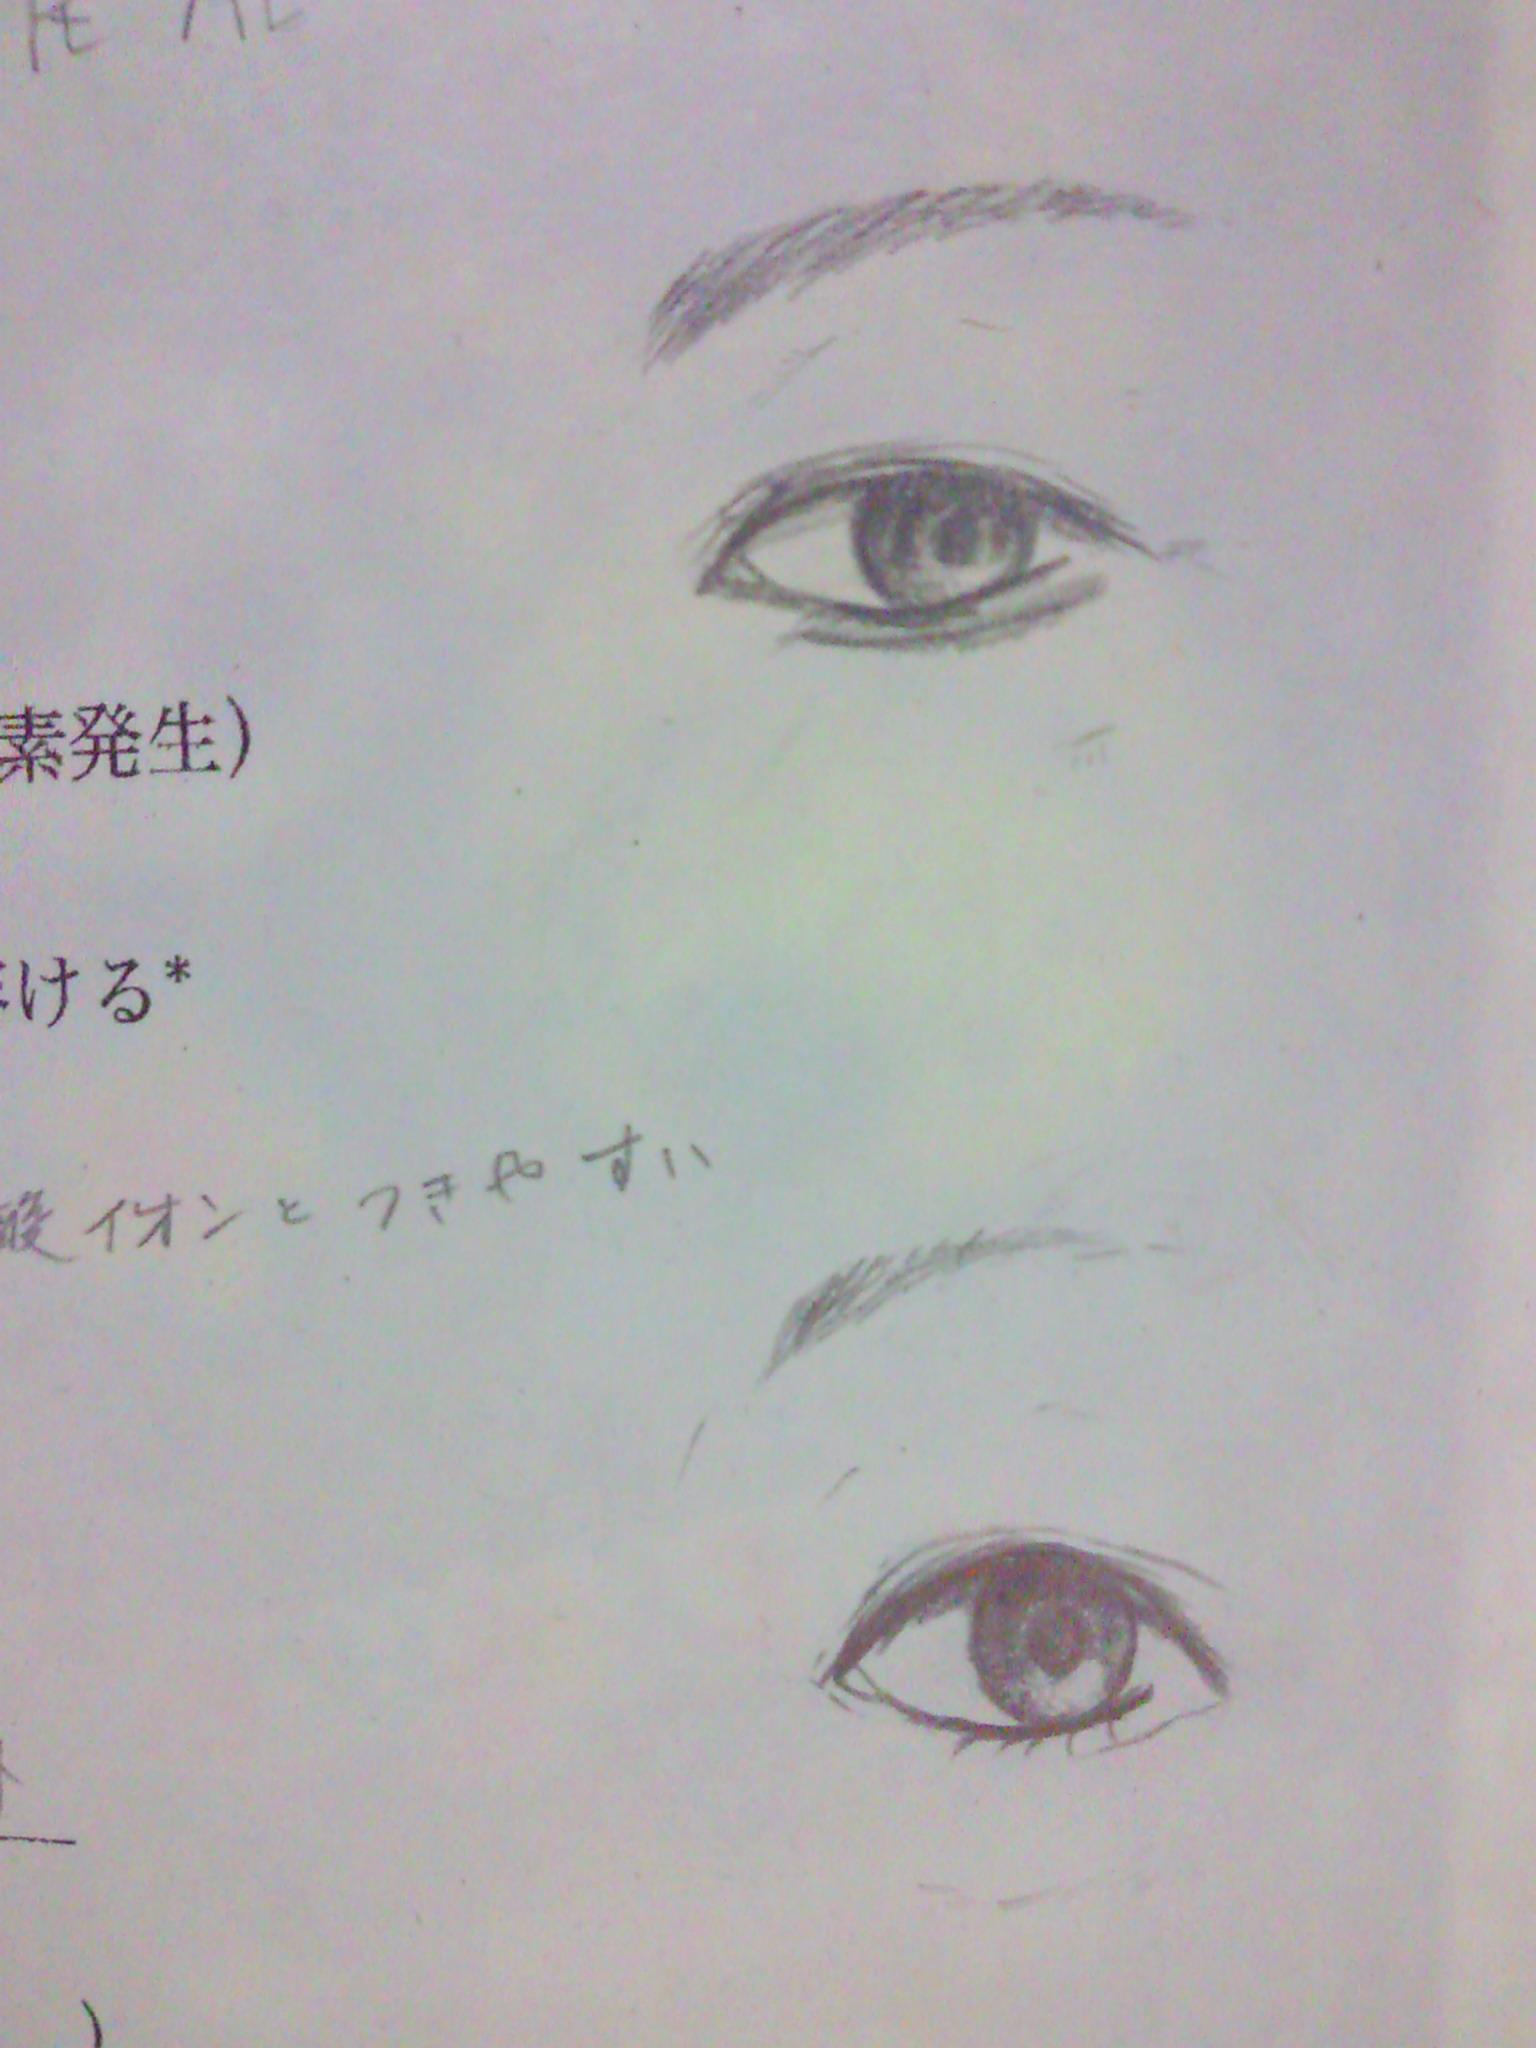 NEC_7208.jpg